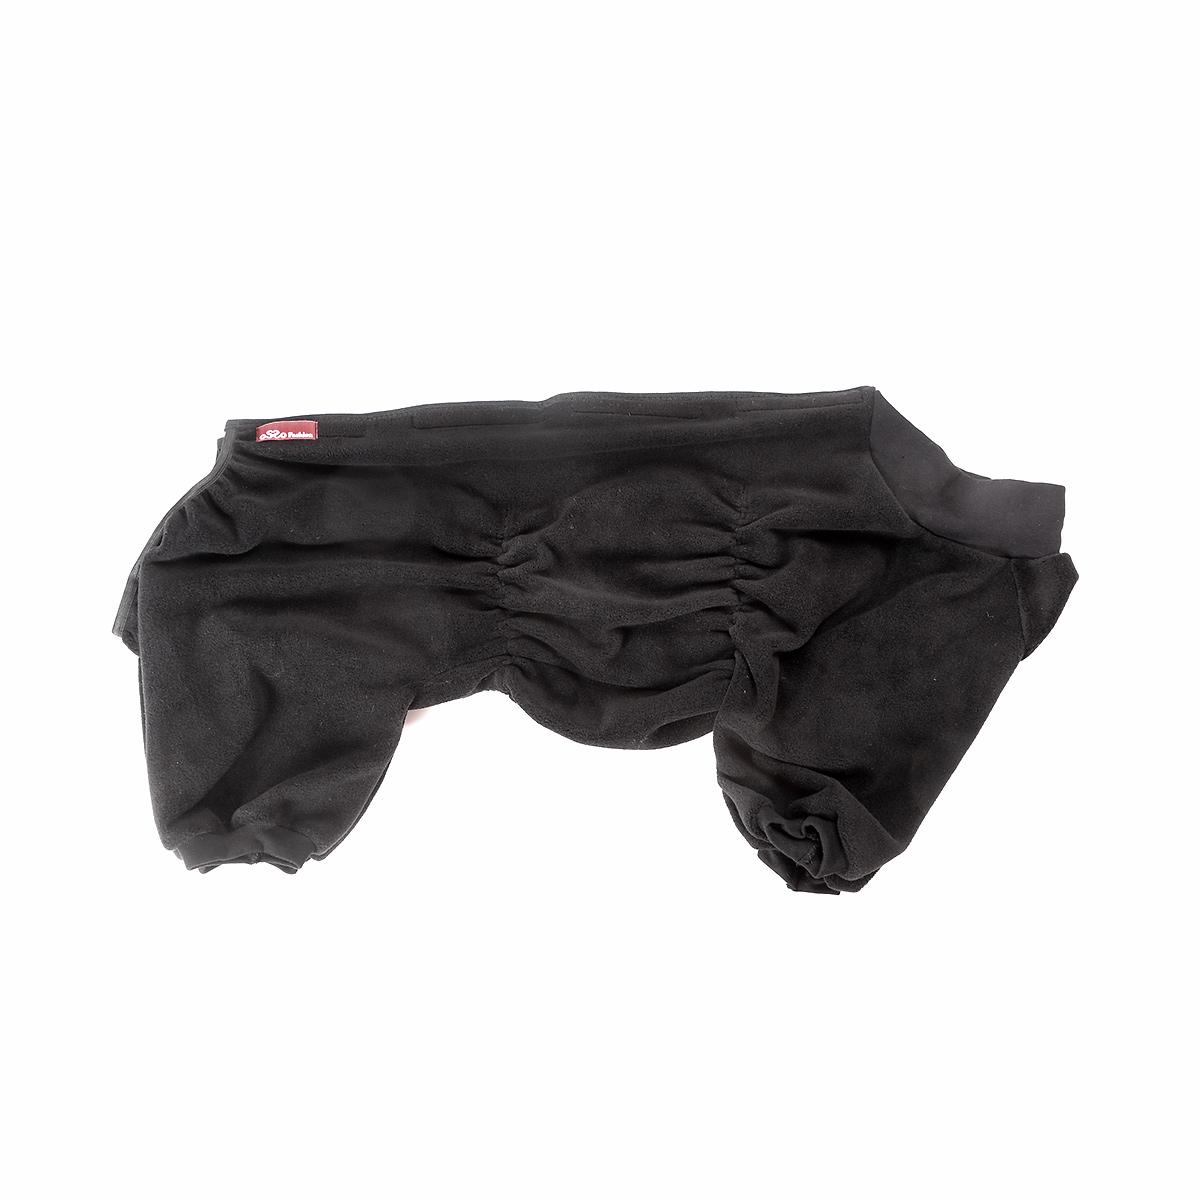 Комбинезон для собак Osso Fashion, для мальчика, цвет: графит. Размер 600120710Теплый, приятный на ощупь, эргономичный флисовый комбинезон на липучках. Комфортная посадка по корпусу достигается за счет резинок-утяжек под грудью и животом. На воротнике имеются завязки, для дополнительной фиксации Можно носить самостоятельно и как поддевку под комбинезон для собак на грязь.Отлично стирается, быстро сохнет.